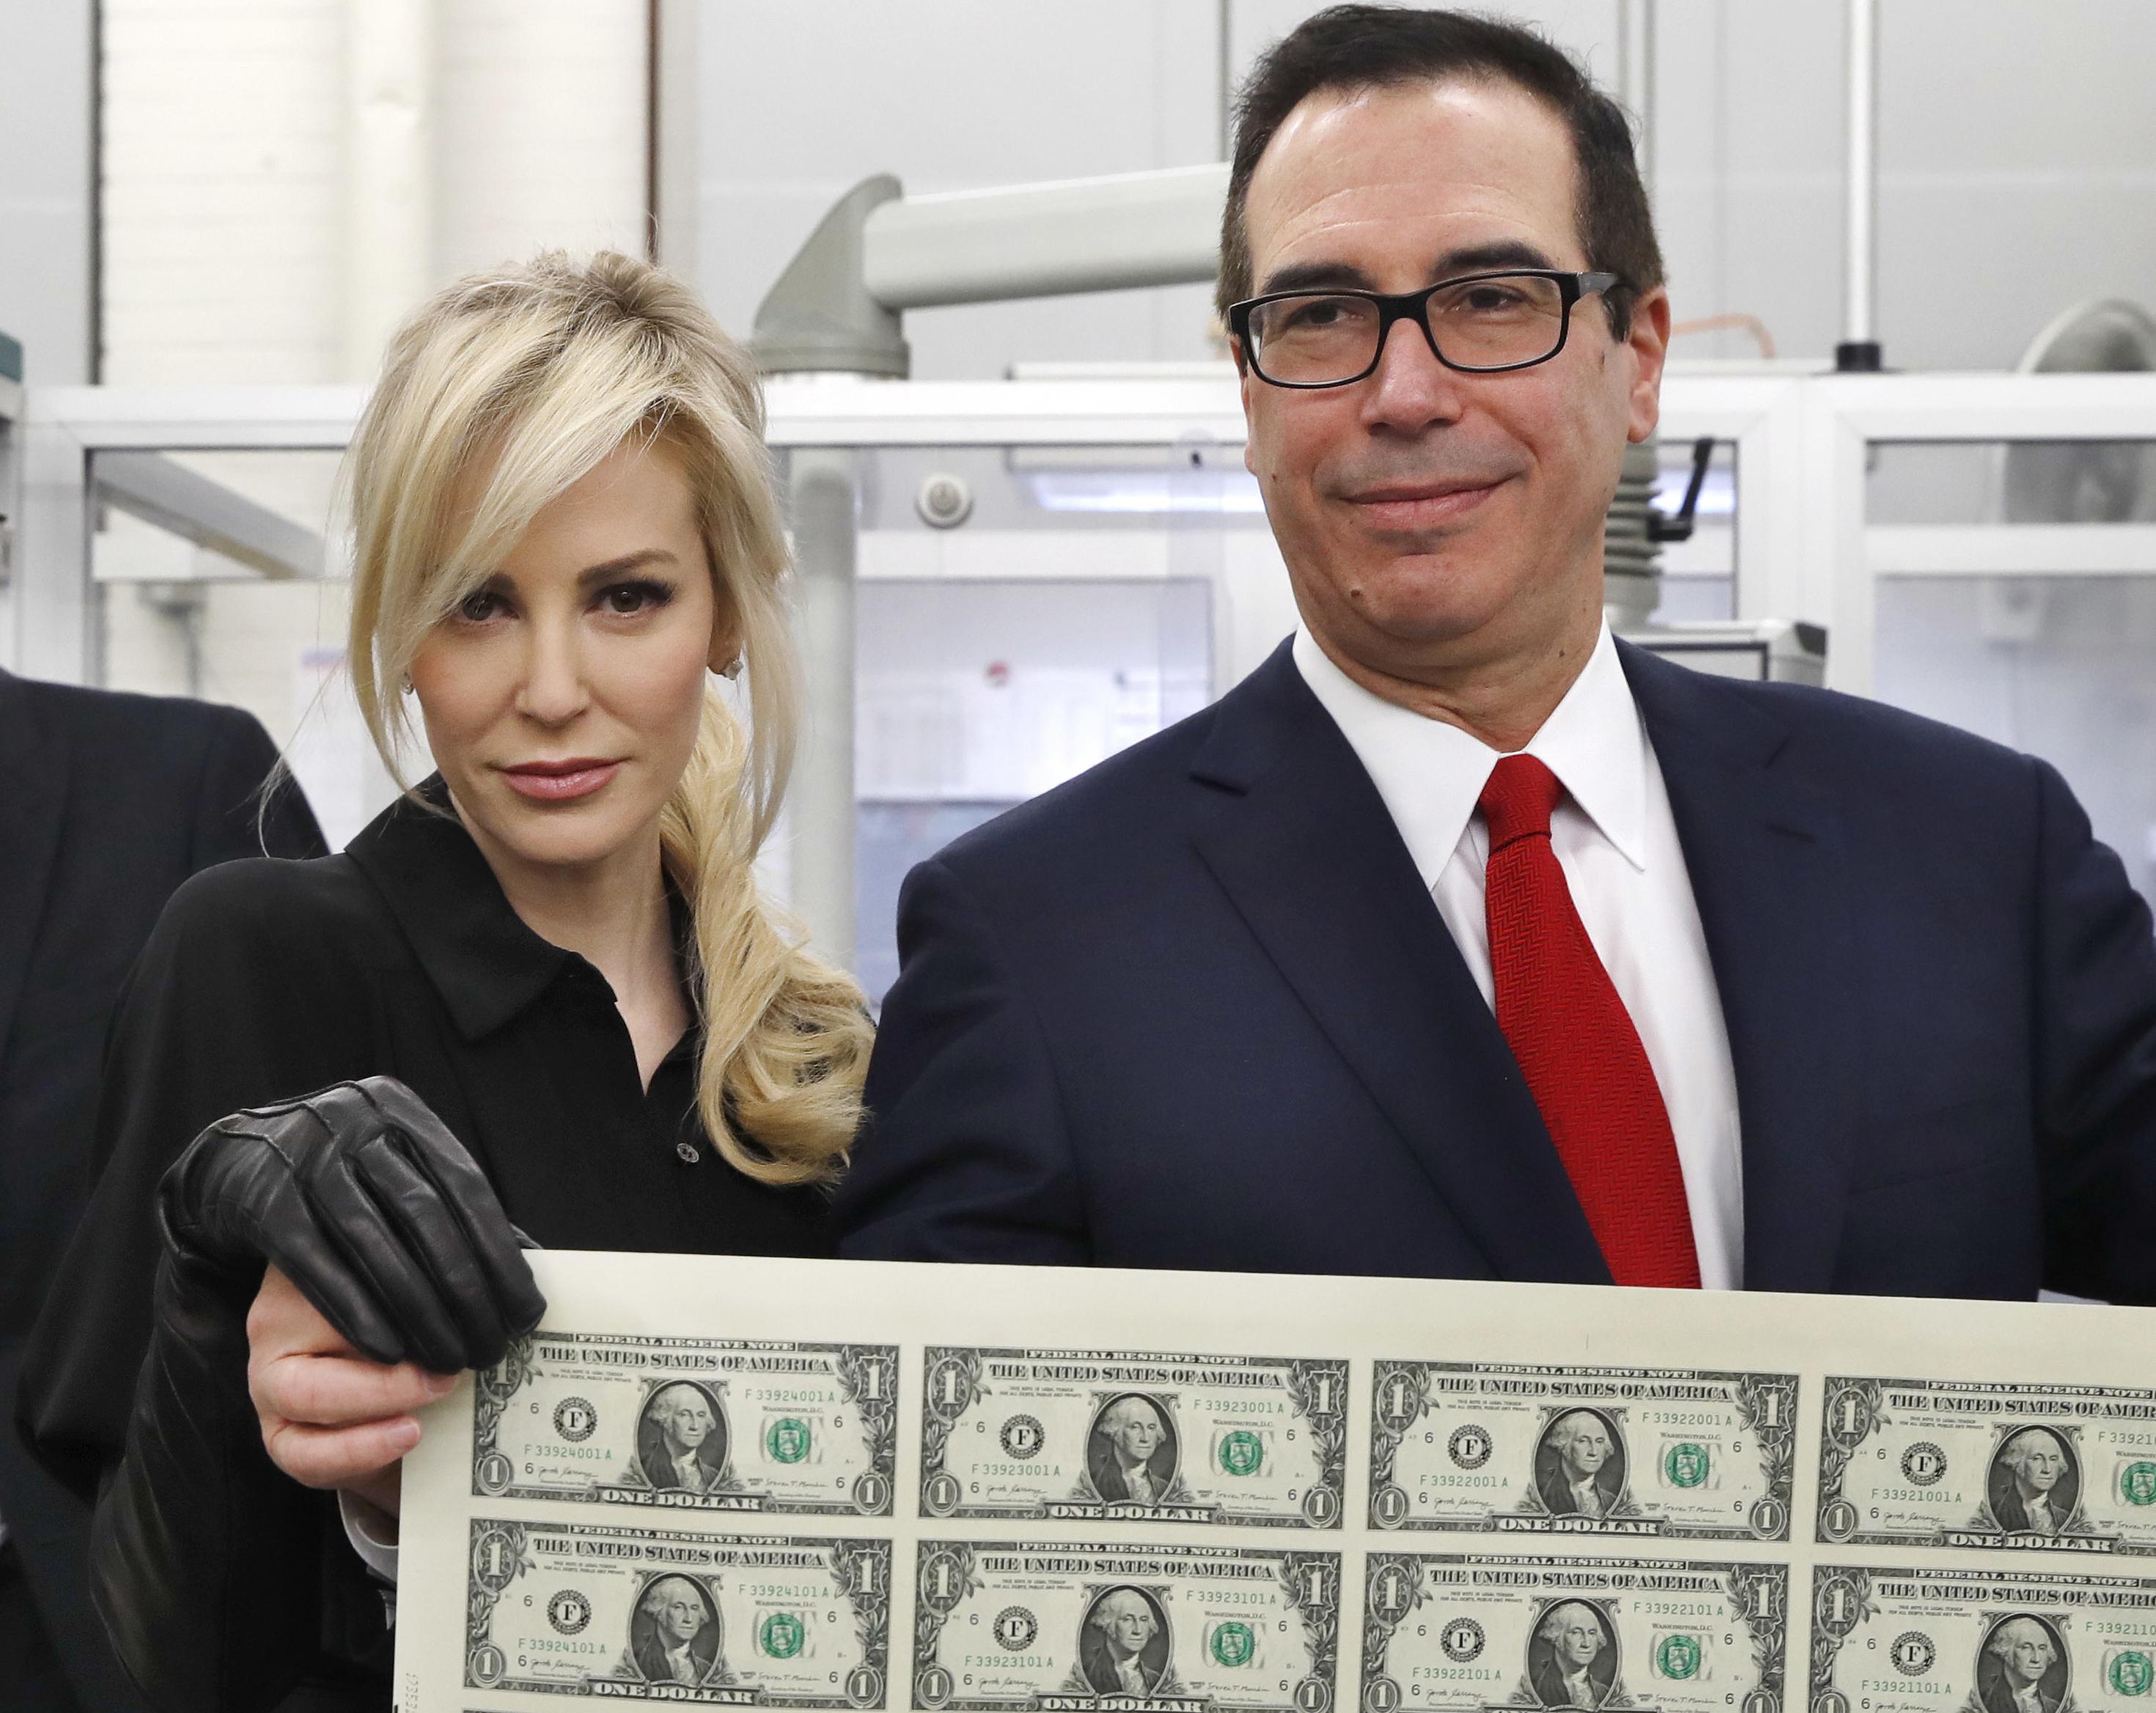 Már eddig se volt népszerű Trump exbankár pénzügyminisztere és felvágós felesége. Aztán beleálltak ebbe a fotóba